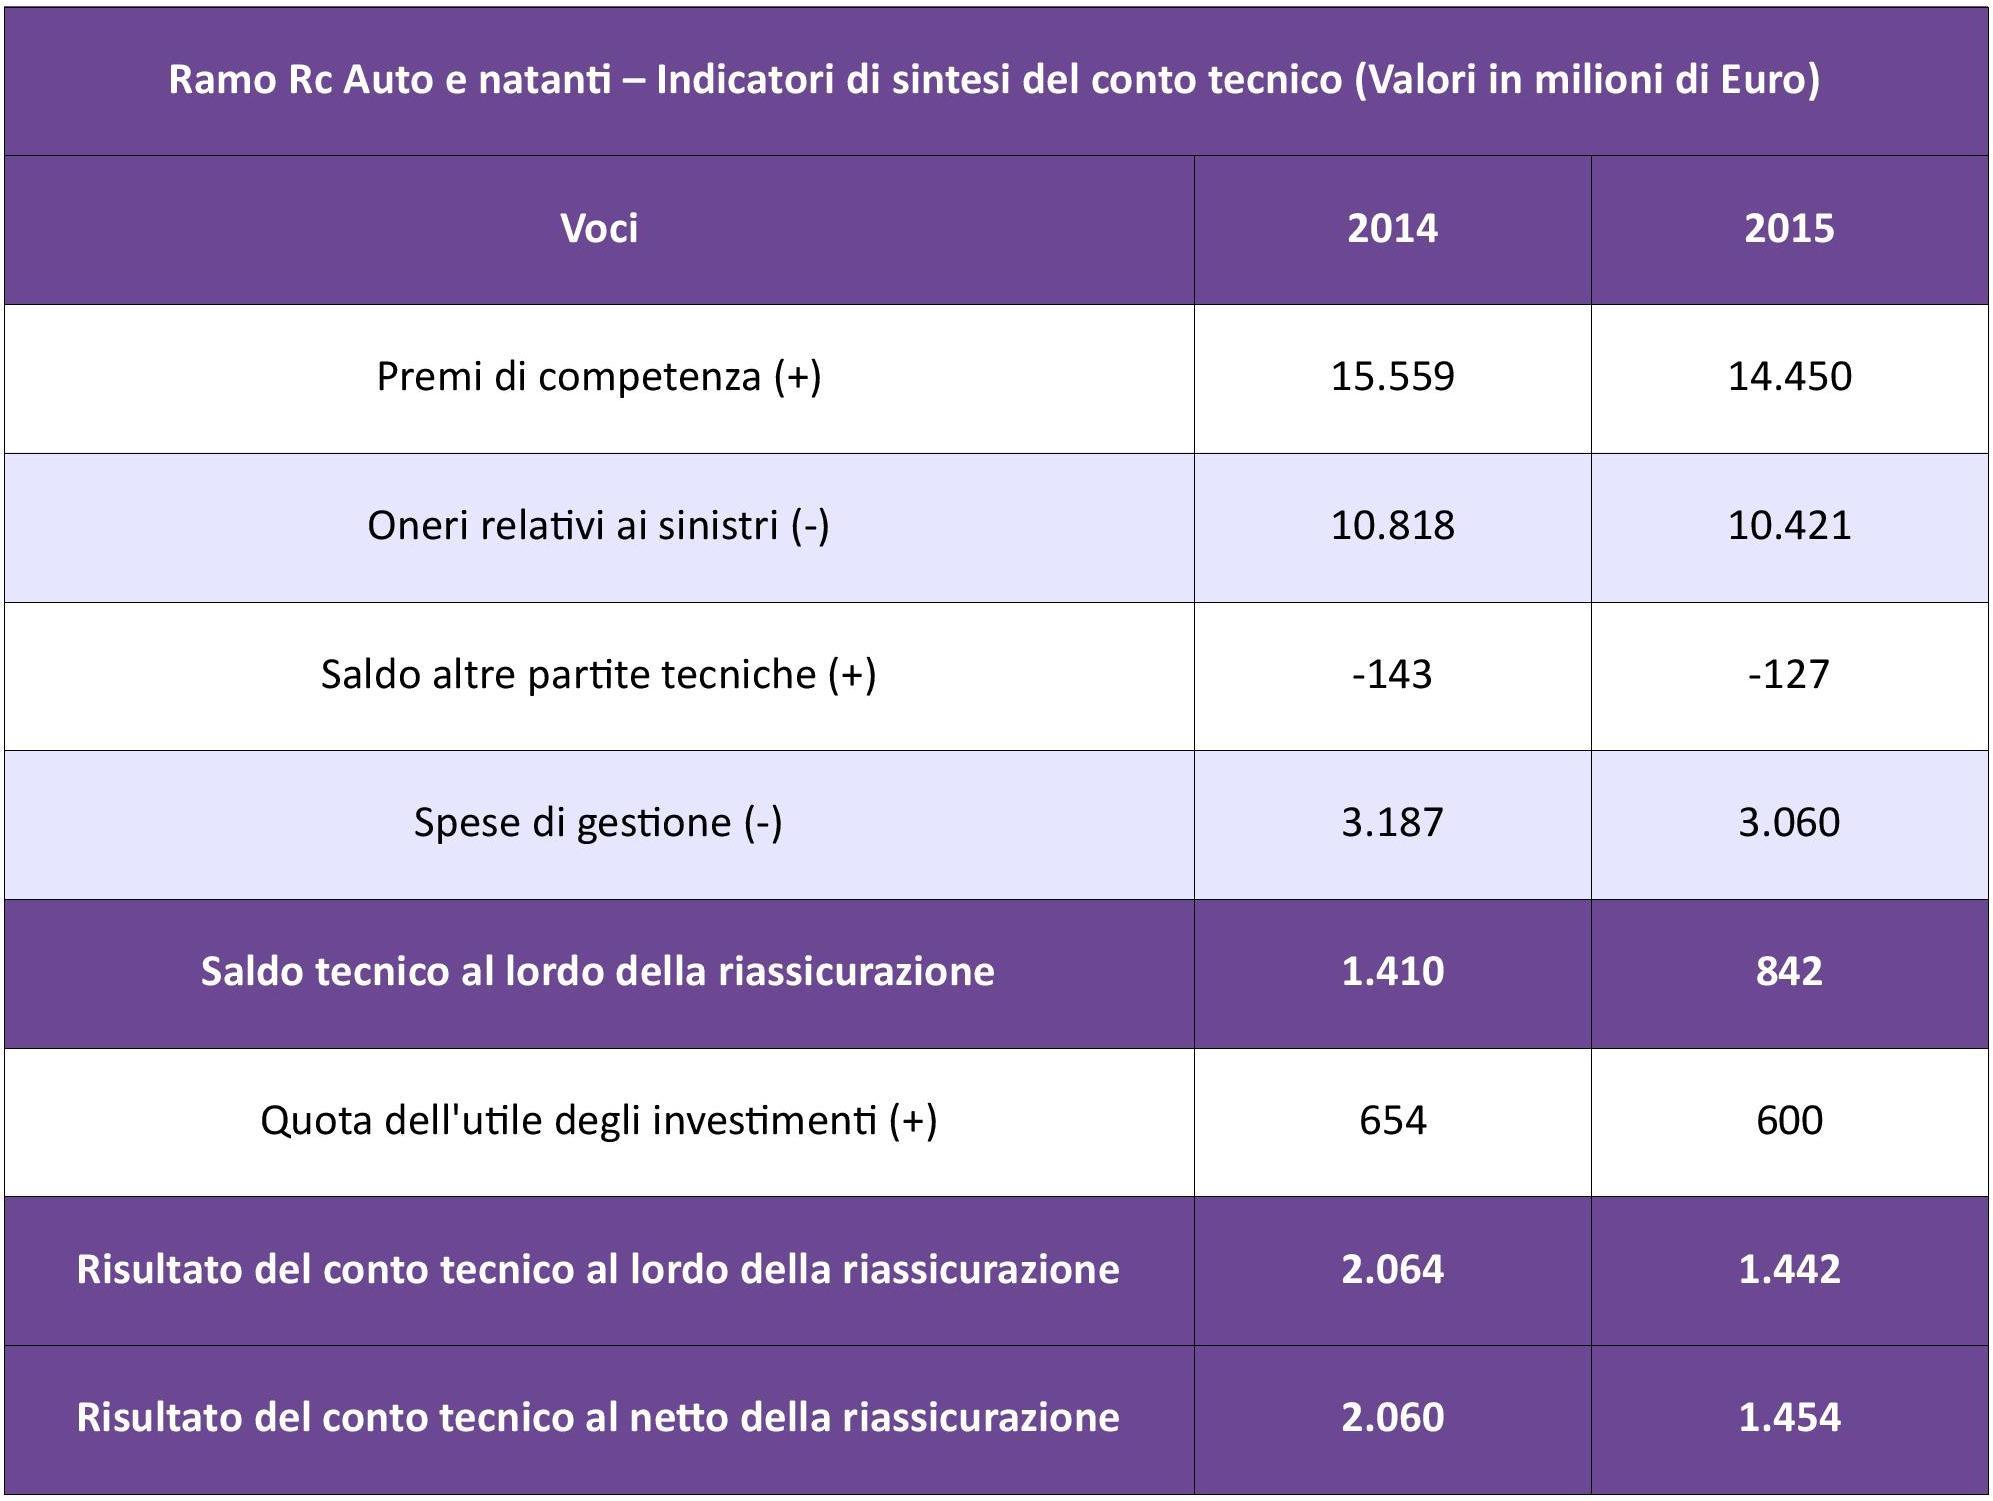 IVASS - Statistiche Auto 2015 - Tab. 5 - Sintesi conto tecnico IMC